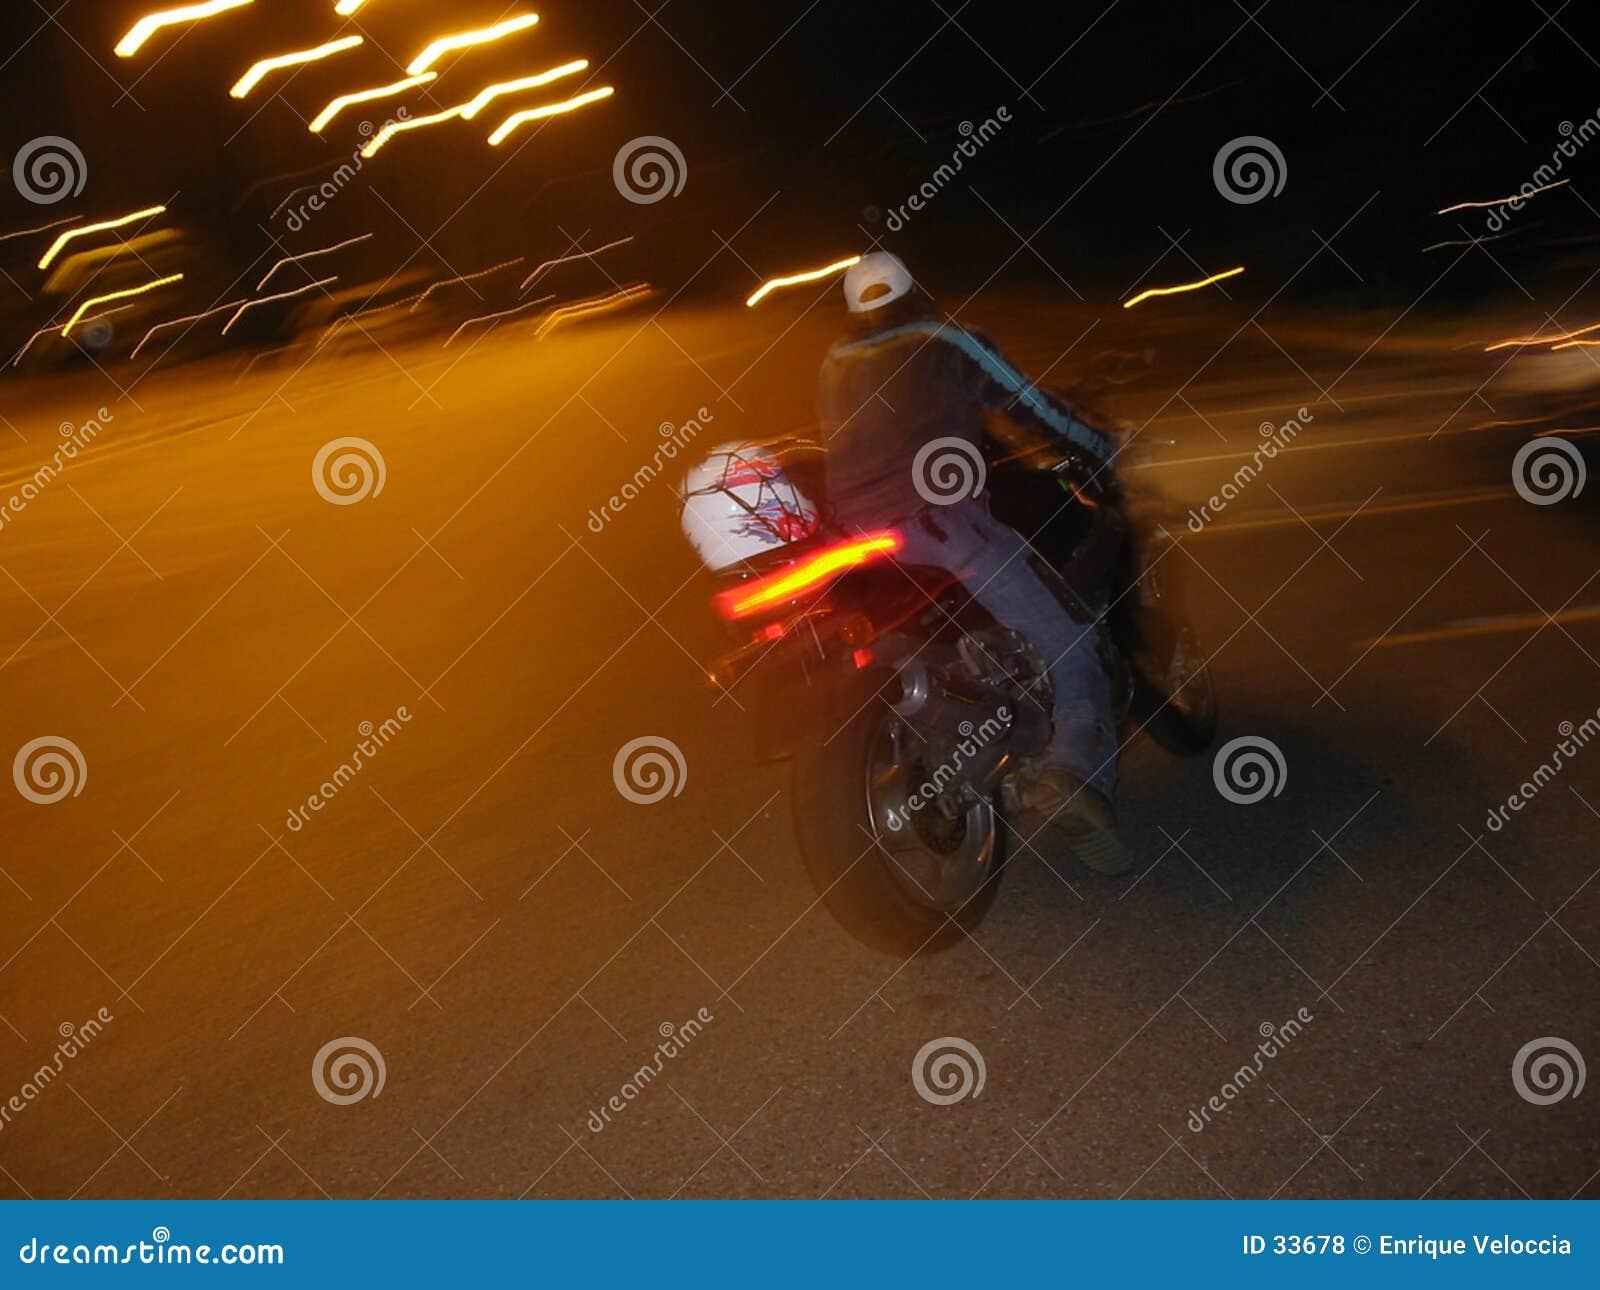 Download Efecto de Moto foto de archivo. Imagen de luces, efecto - 33678